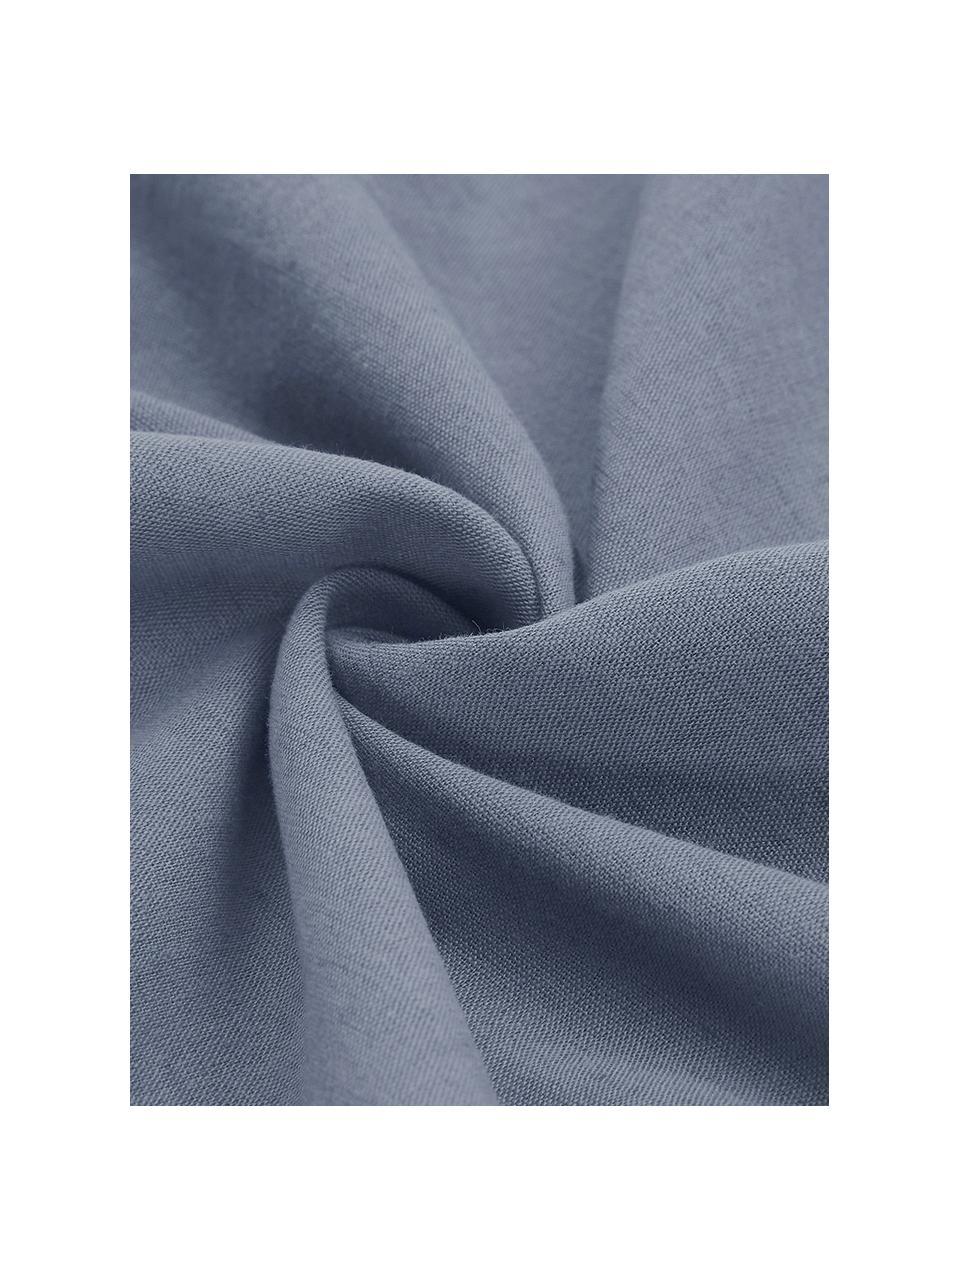 Pościel lniana z efektem sprania Nature, Niebieski, 135 x 200 cm + 1 poduszka 80 x 80 cm